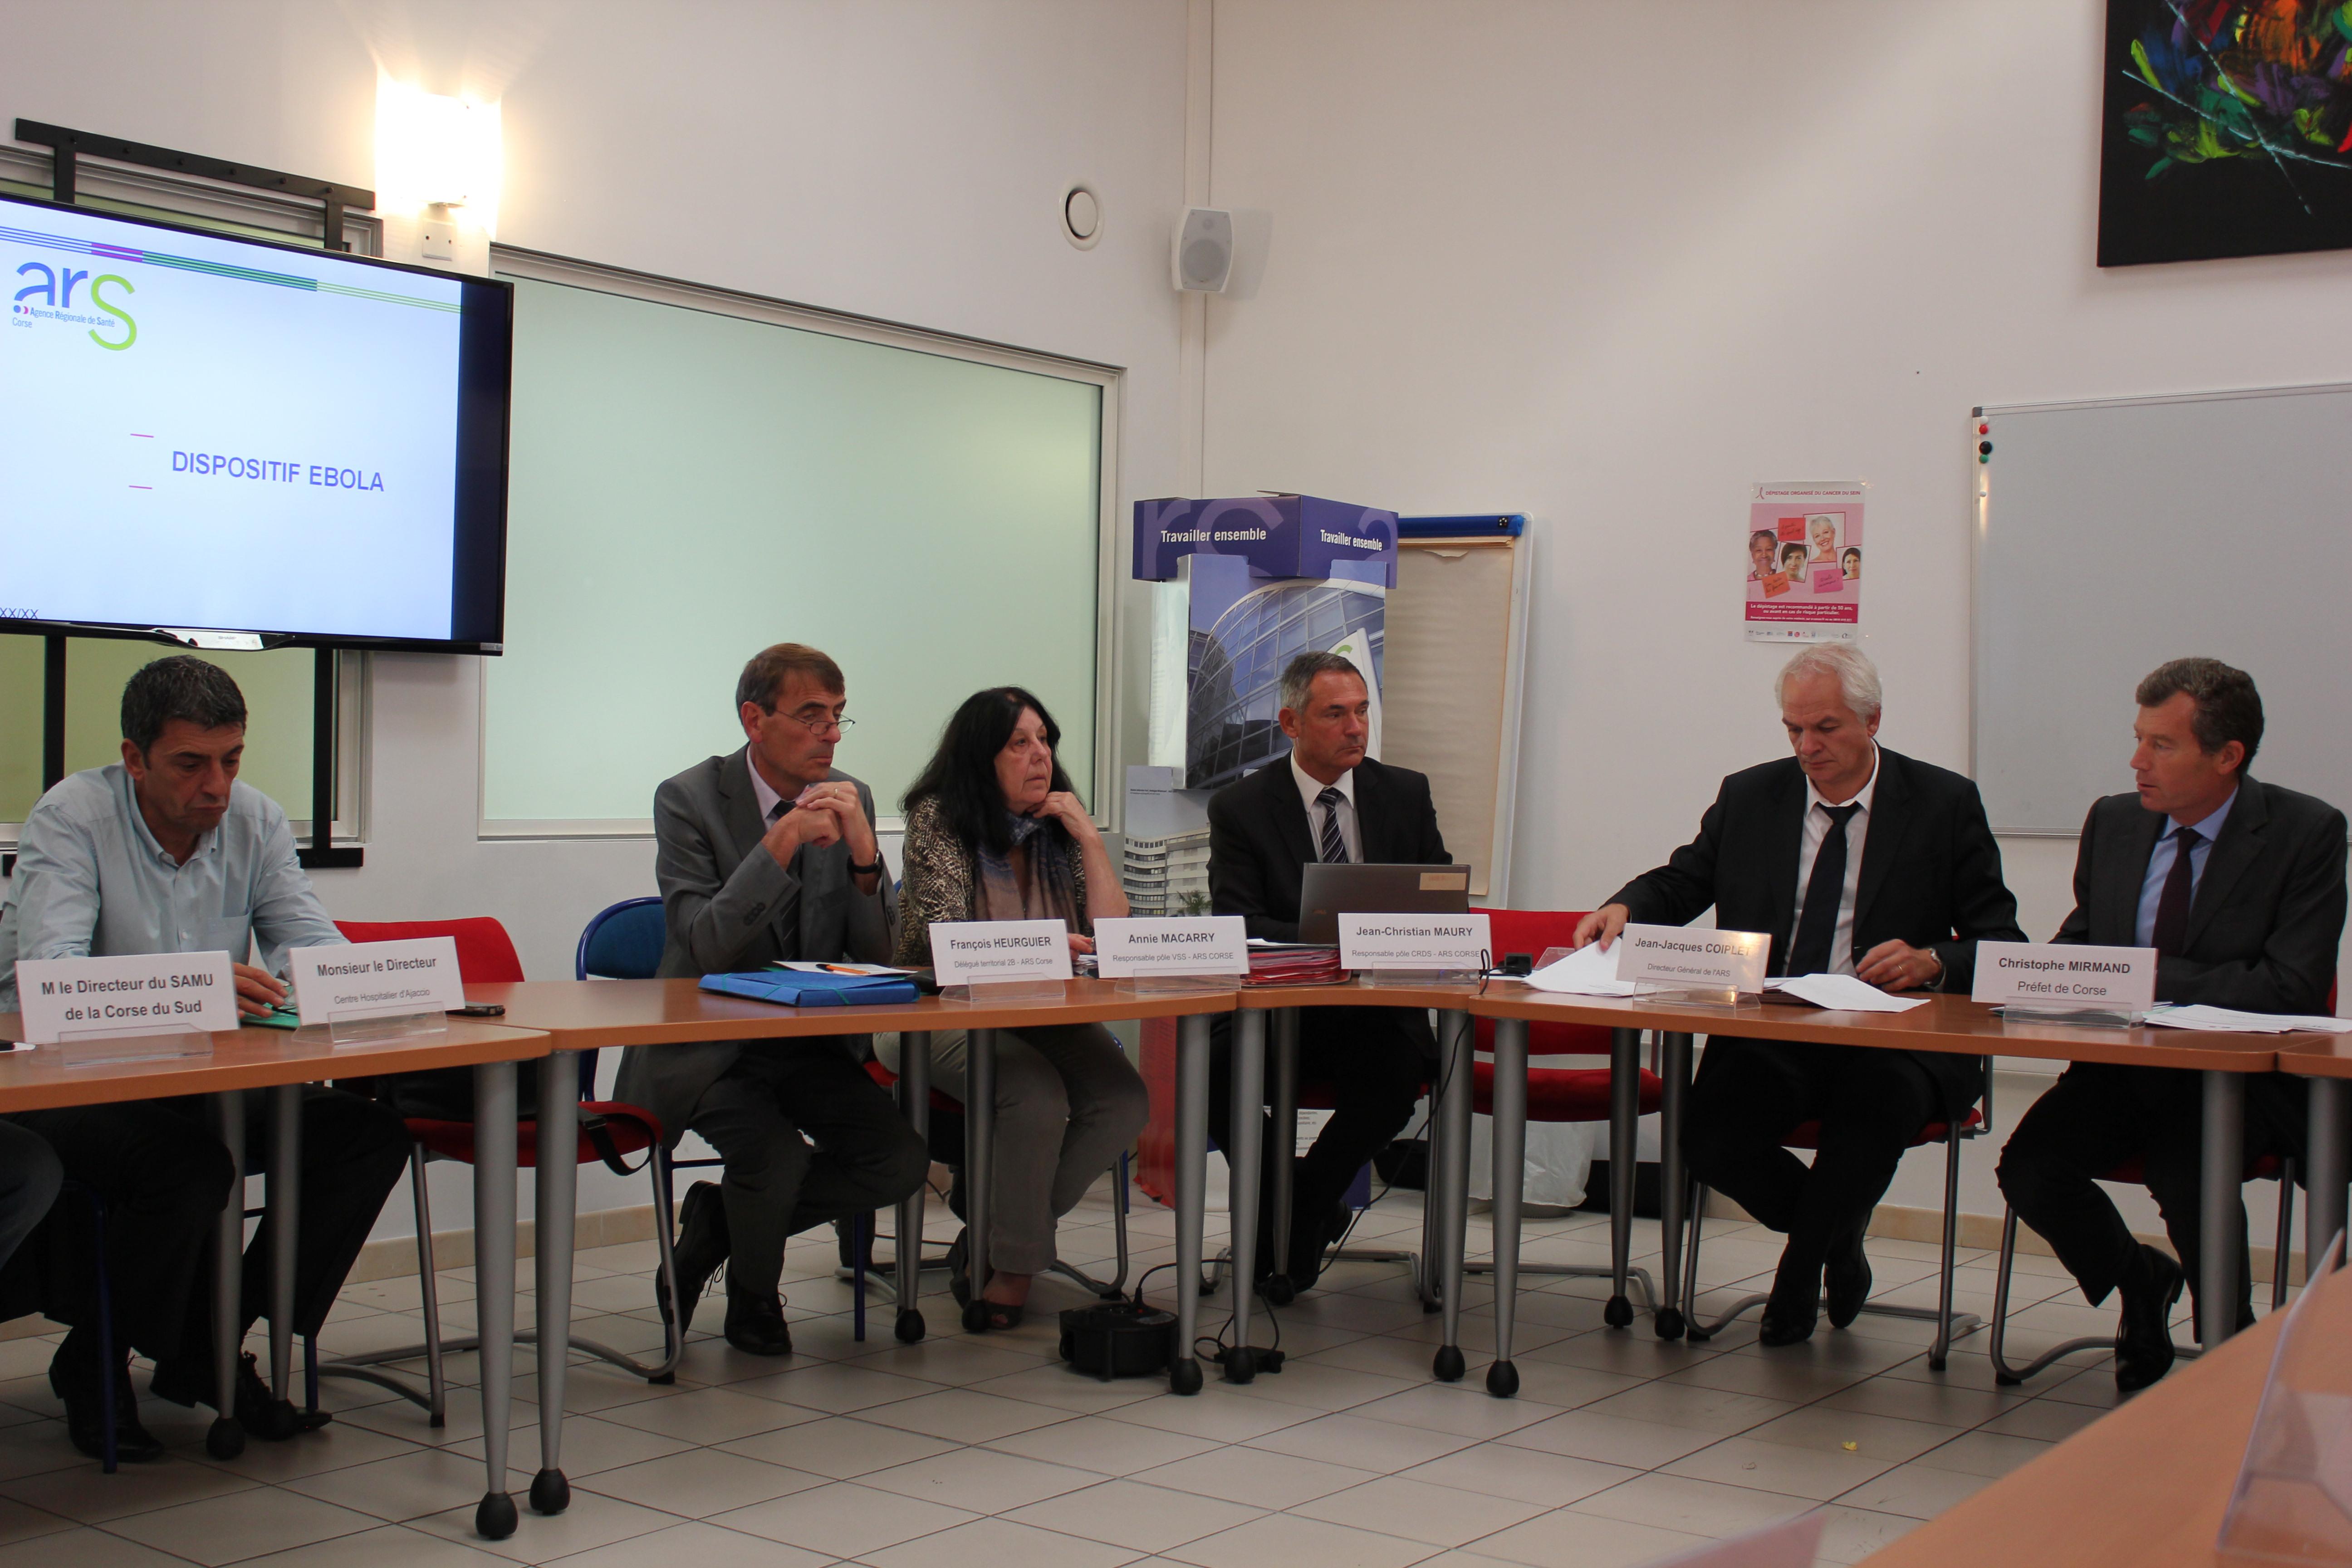 ARS : Face au risque Ebola, pas d'inquiétude imminente à avoir en Corse